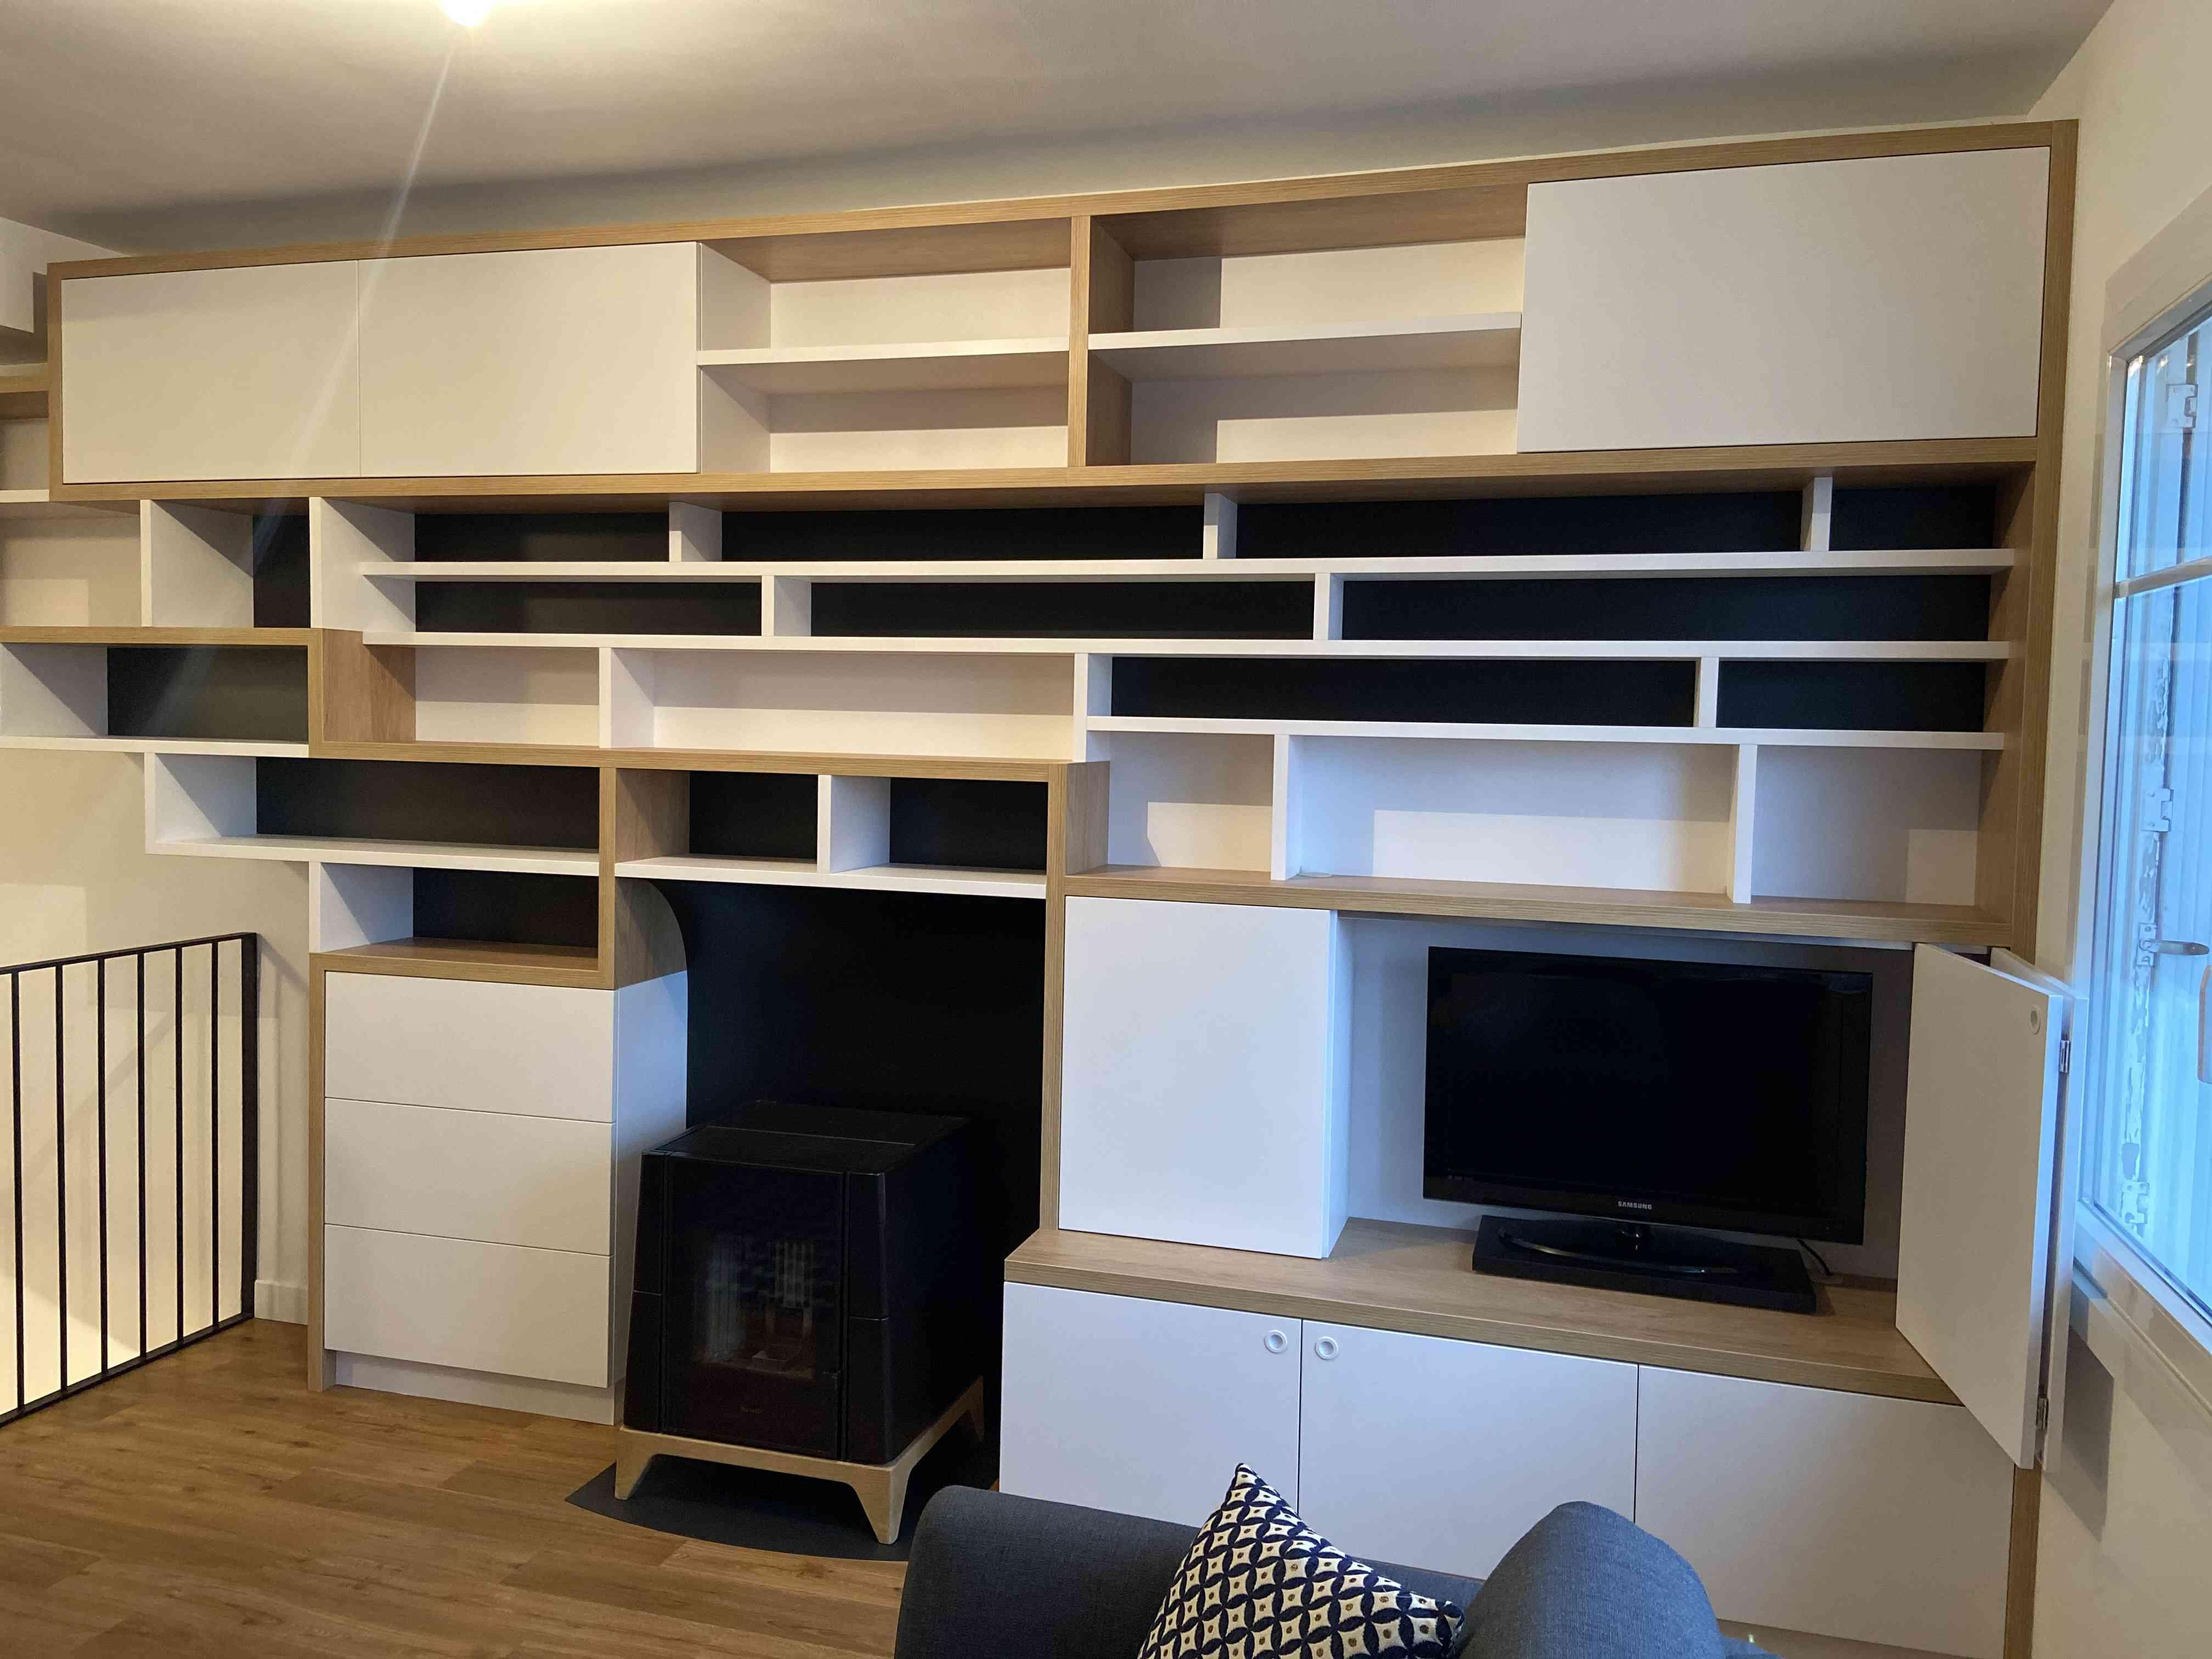 1 Bibliothèque sur mesure salon bois blanc noir 1 - Bibliothèque sur mesure salon bois blanc noir